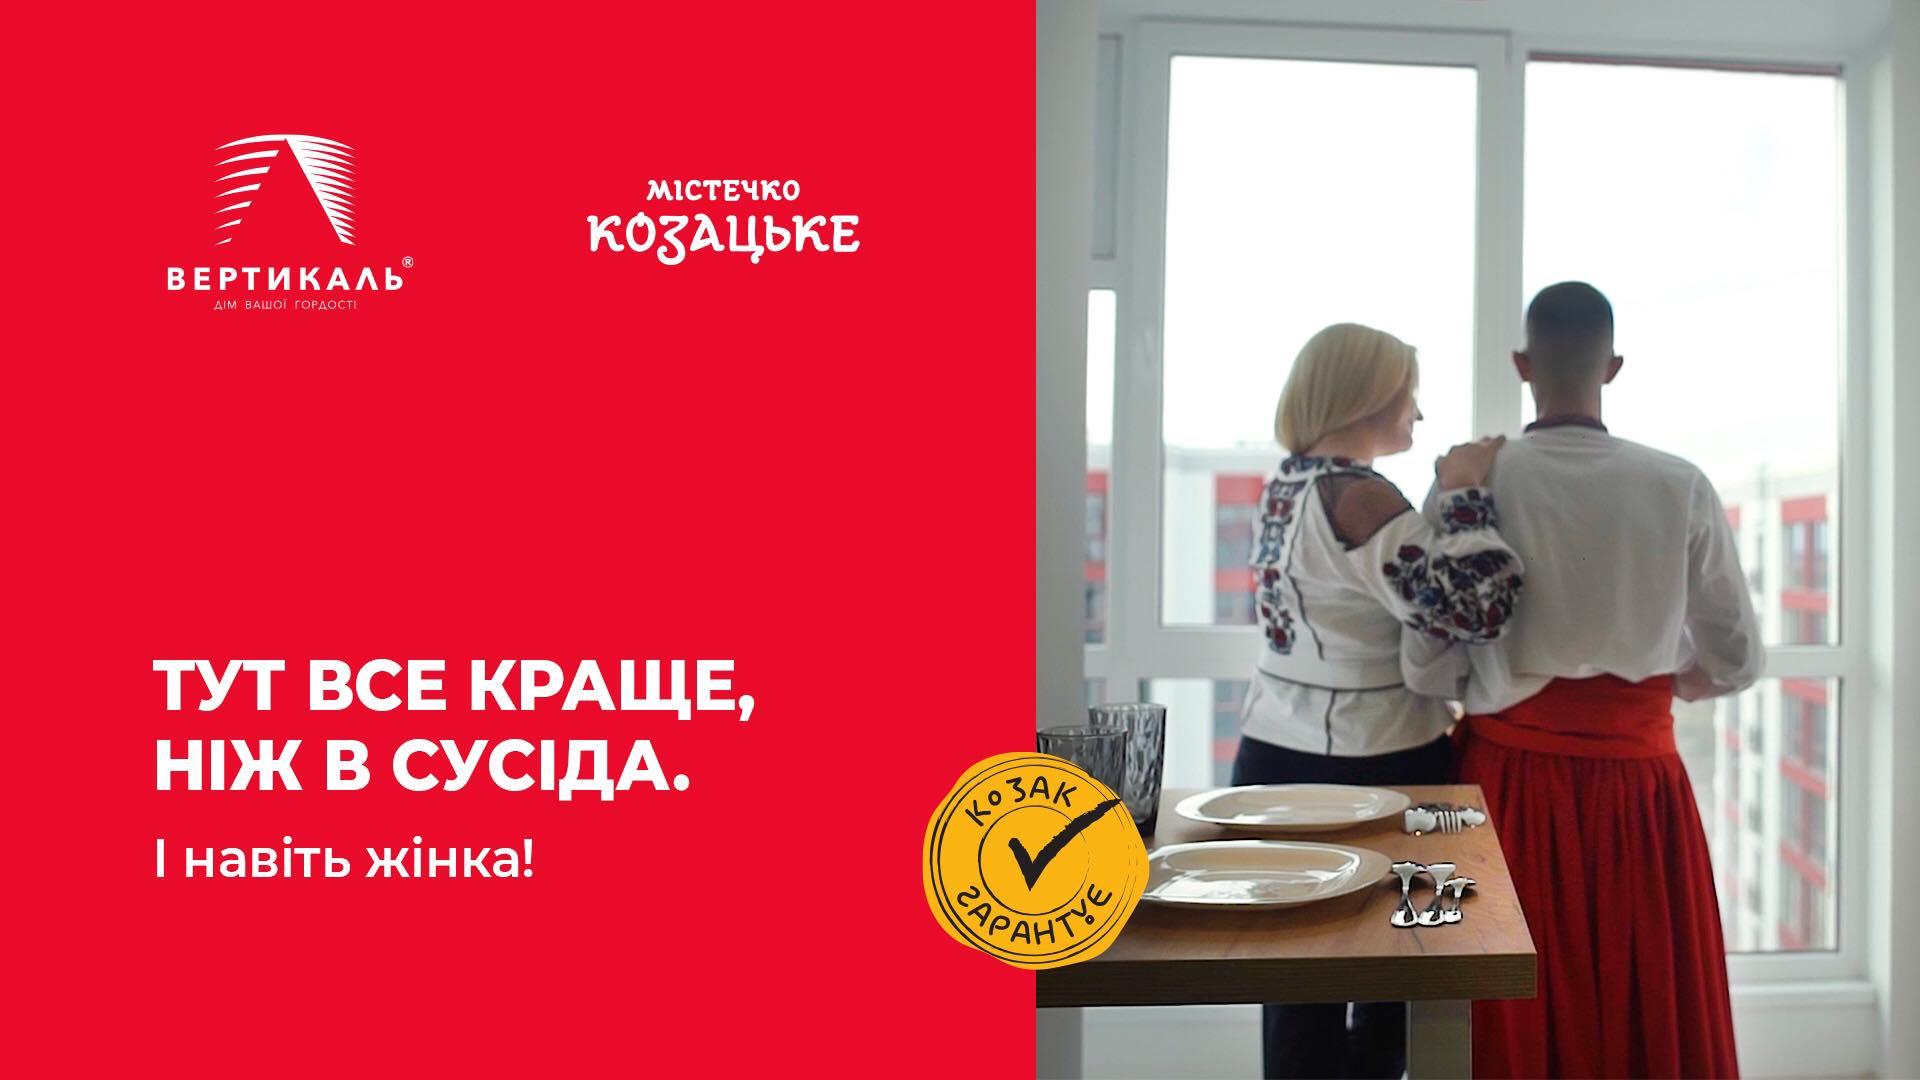 Містечко Козацьке — краще, ніж у сусіда. Козак гарантує!